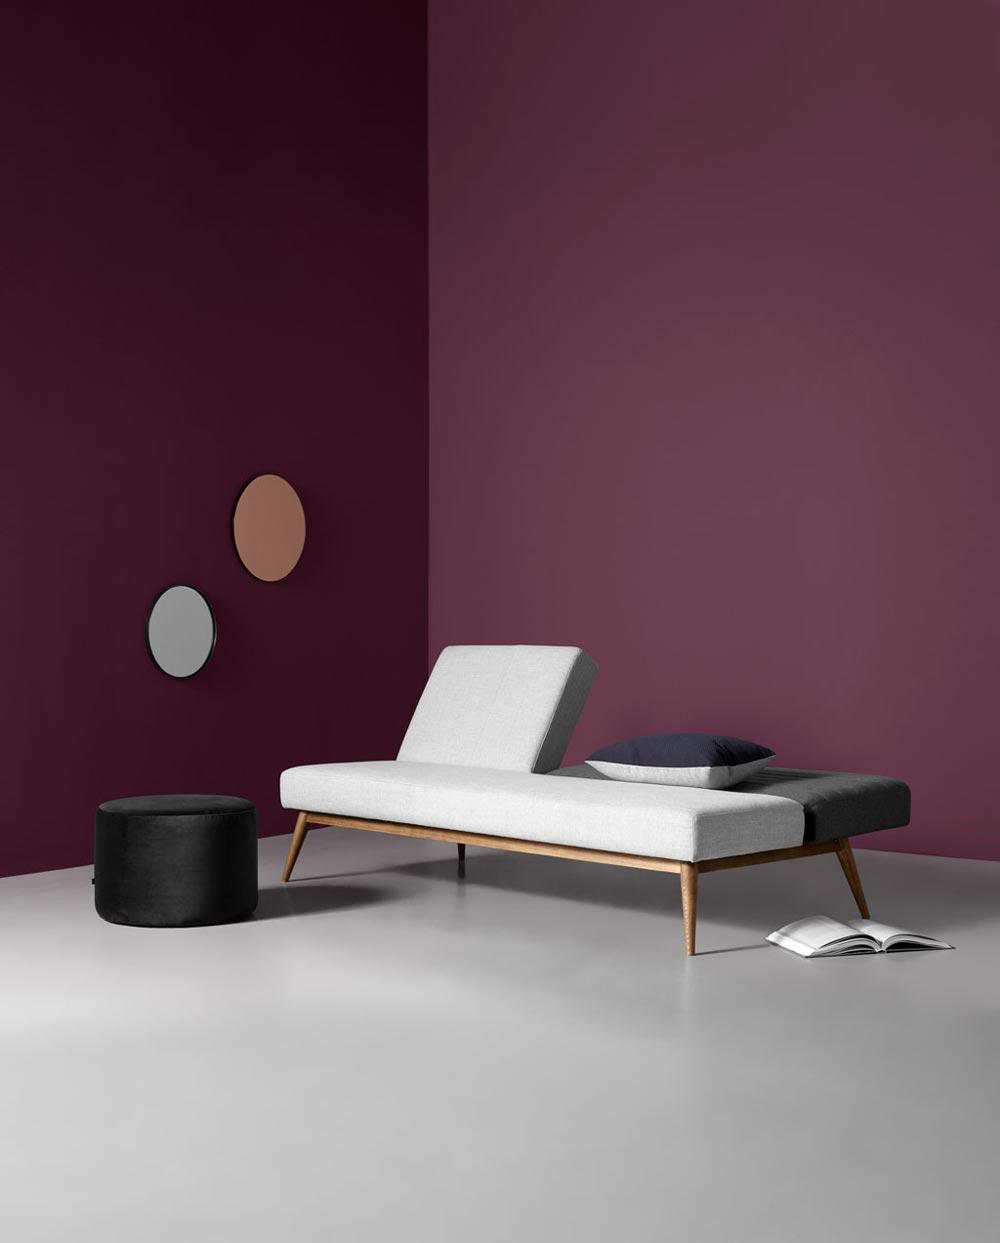 Sofacompany: Hilda